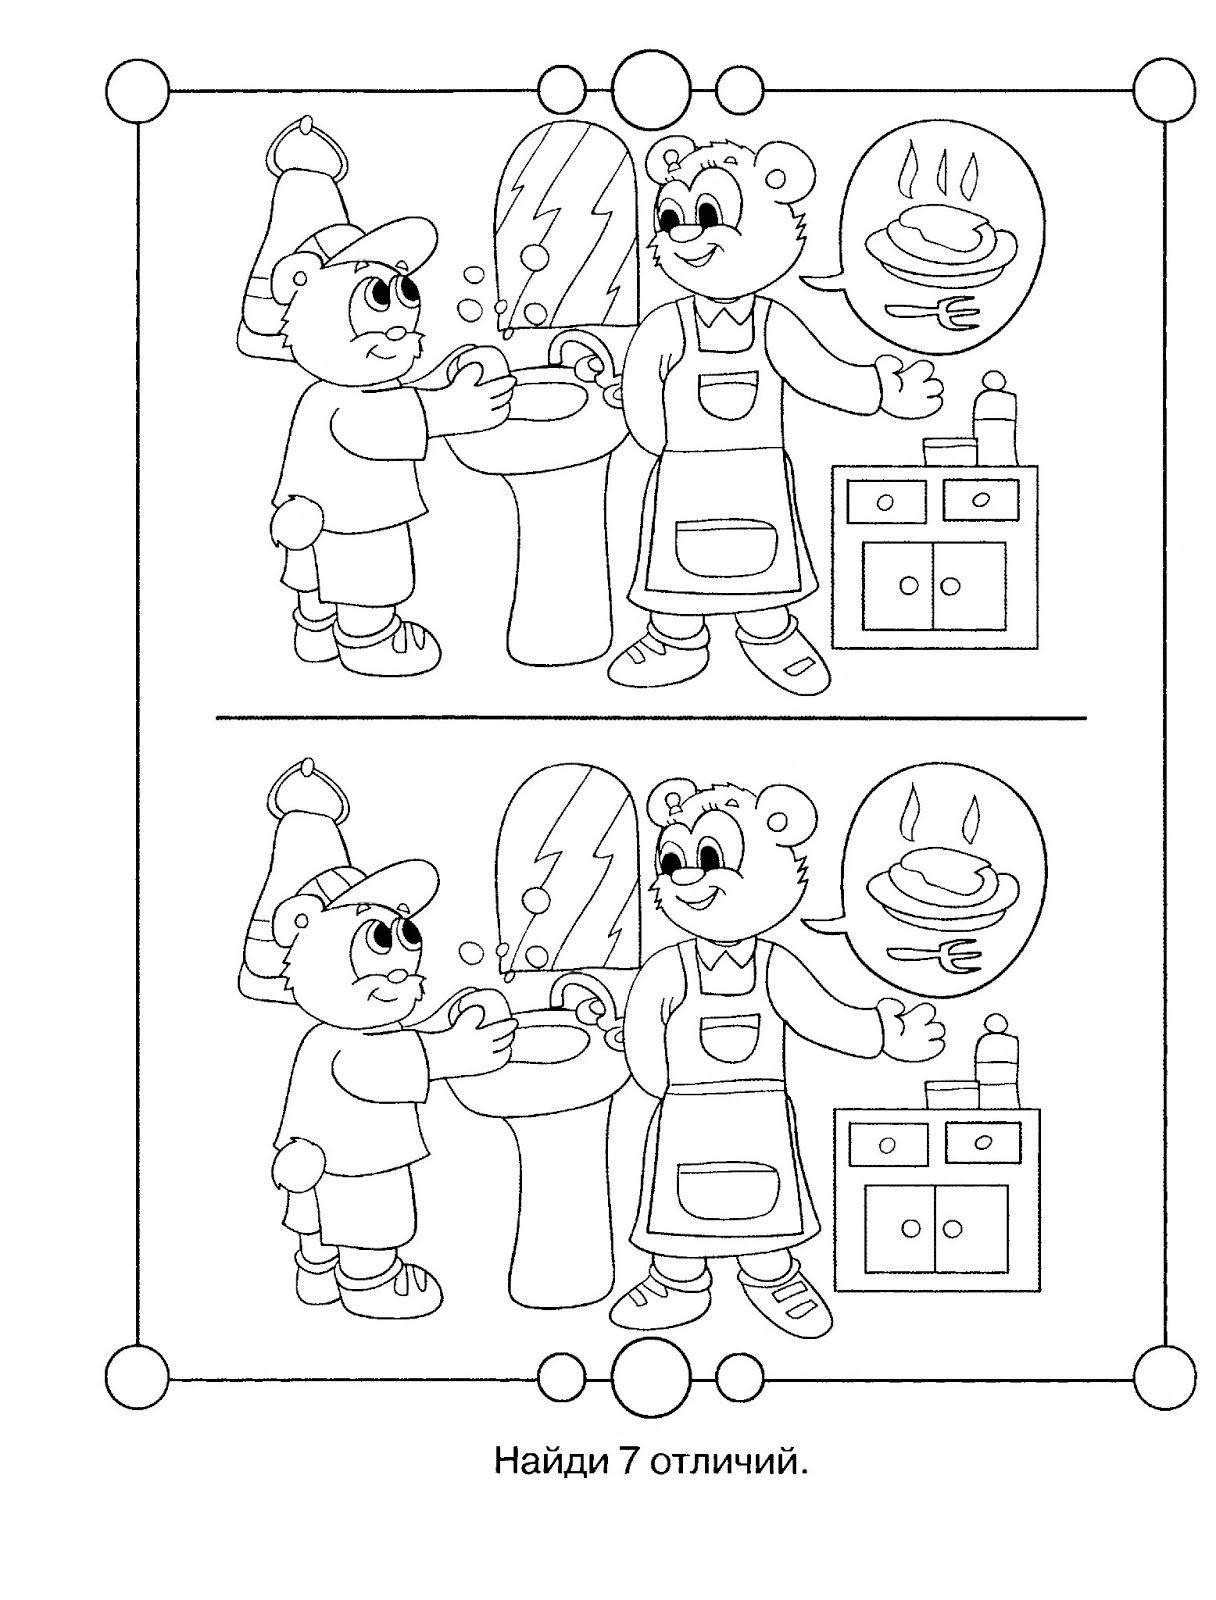 child development  rebus puzzle gyerekeknek verschillen  find the diffrenses  raskit skirtumus